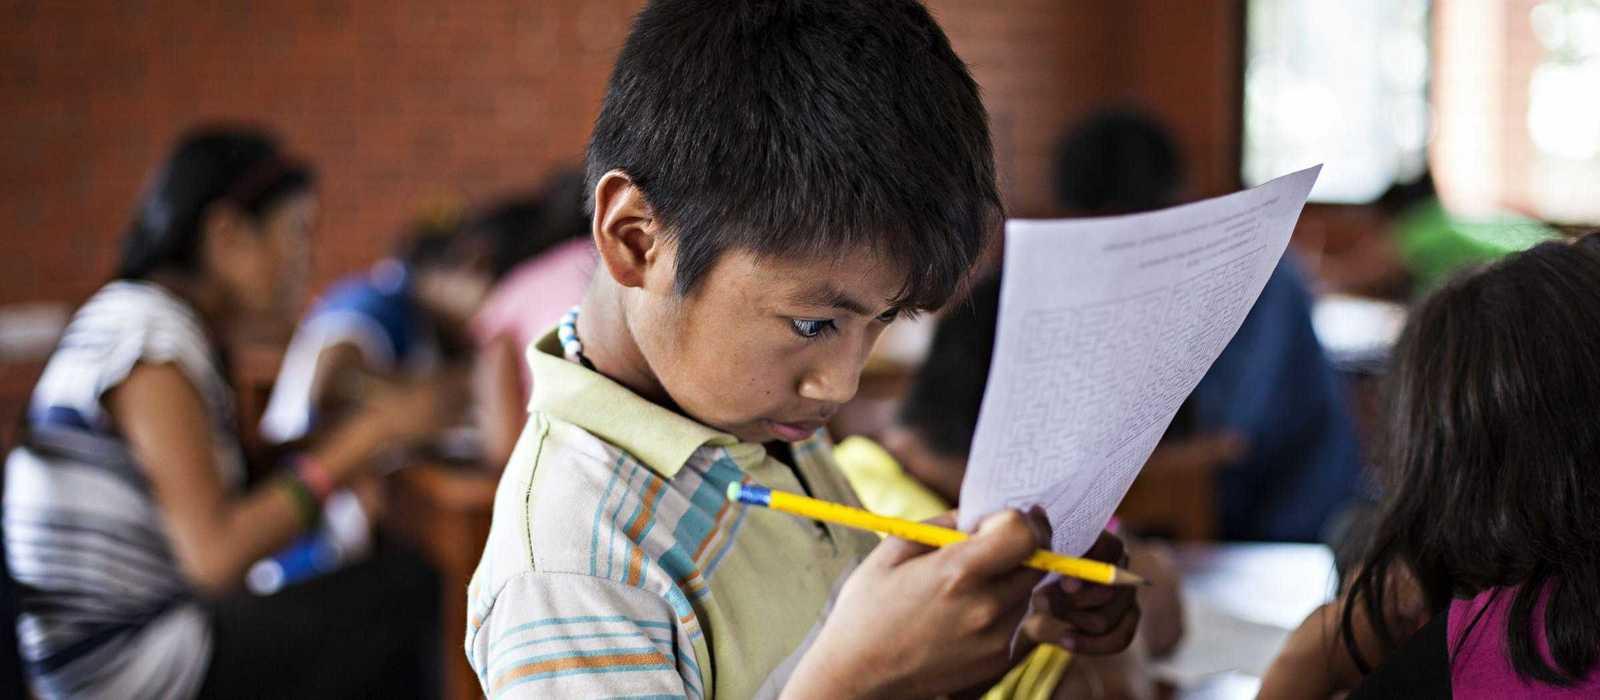 Ein kleiner Junge macht seine Hausaufgaben